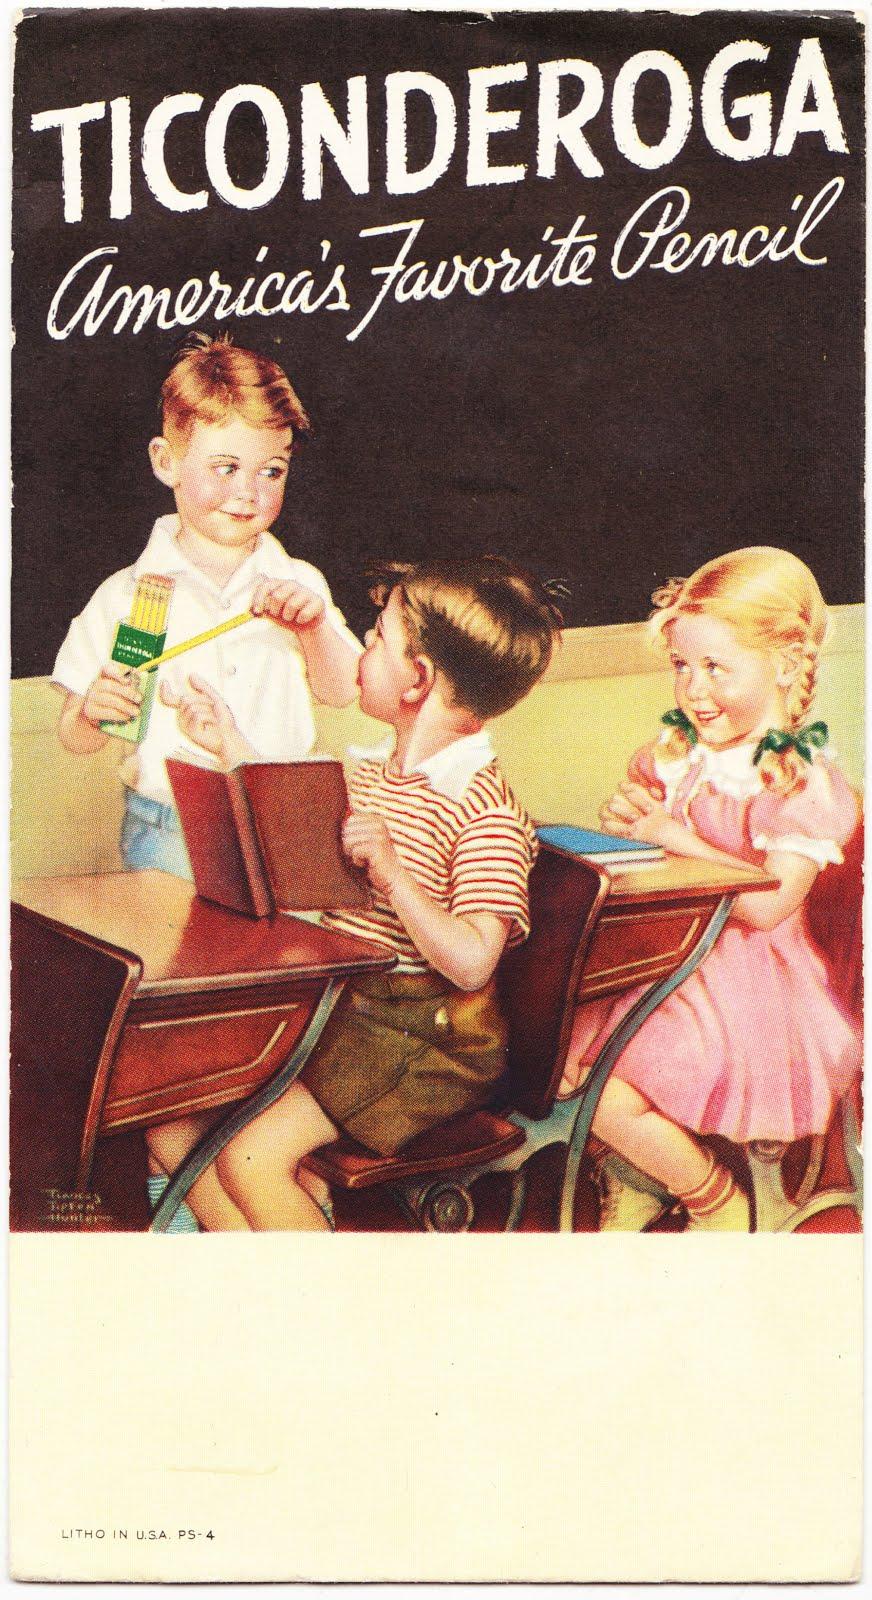 dixon-ticonderoga-vintage-ads-5.jpg